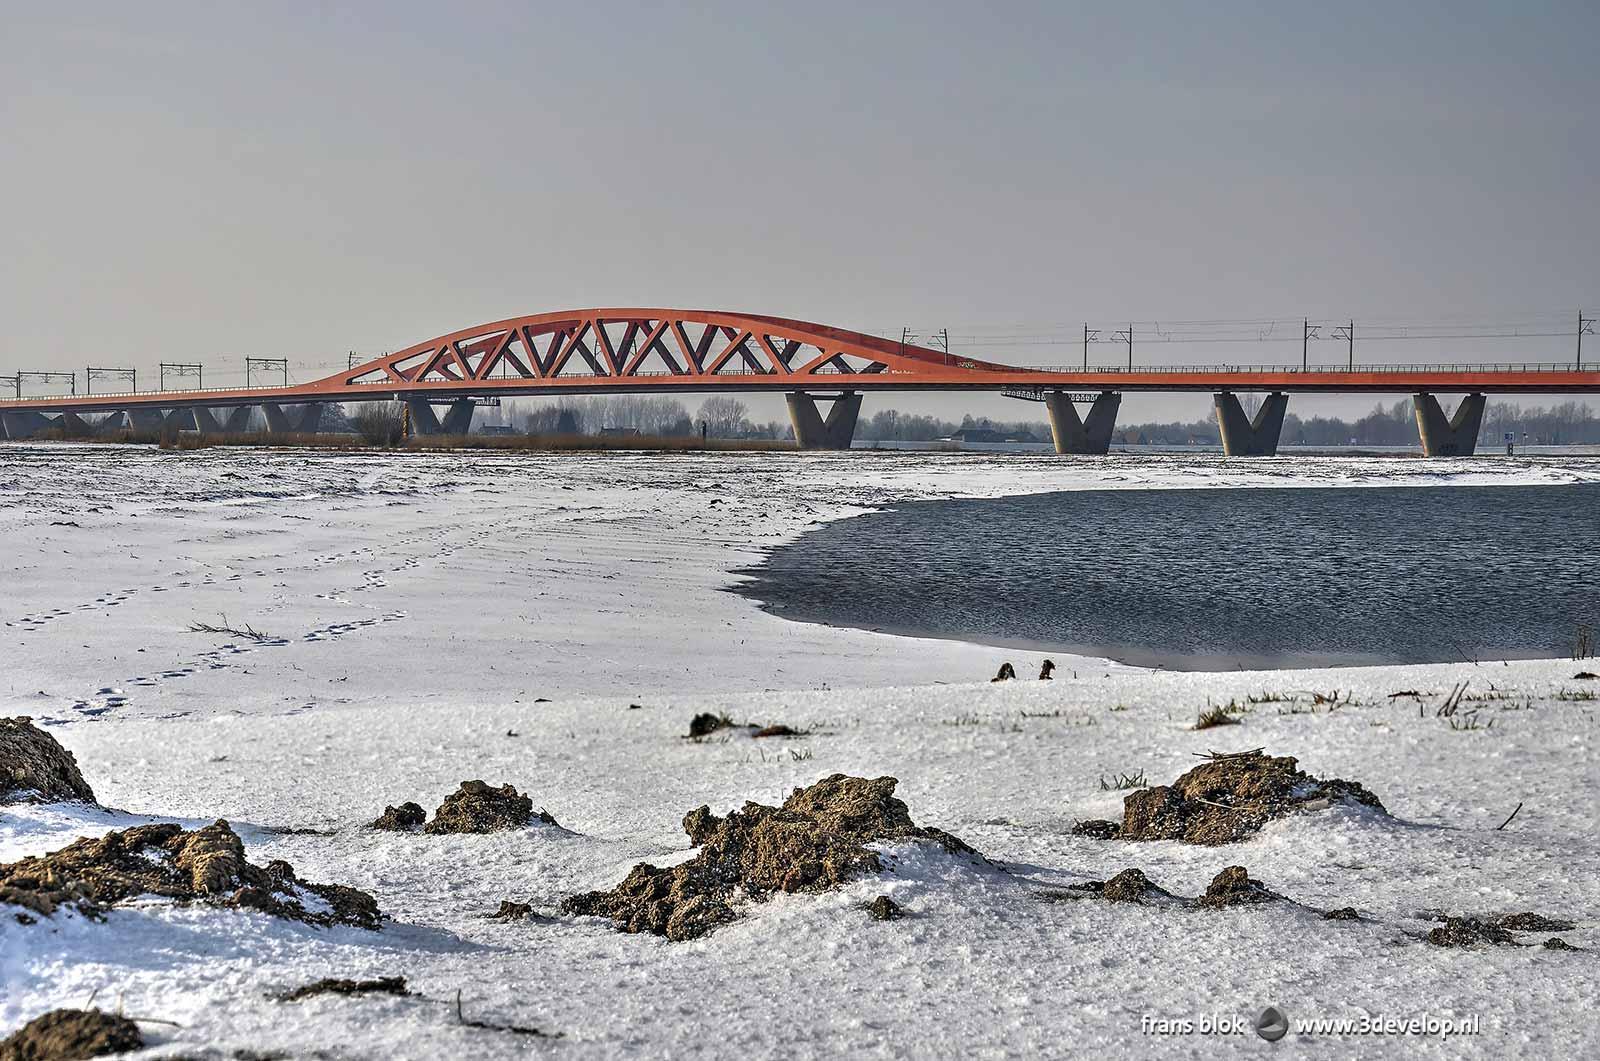 Foto van de rode Hanzeboog-spoorbrug over de IJssel bij Zwolle, gezien vanuit een besneeuwd uiterwaardenlandschap